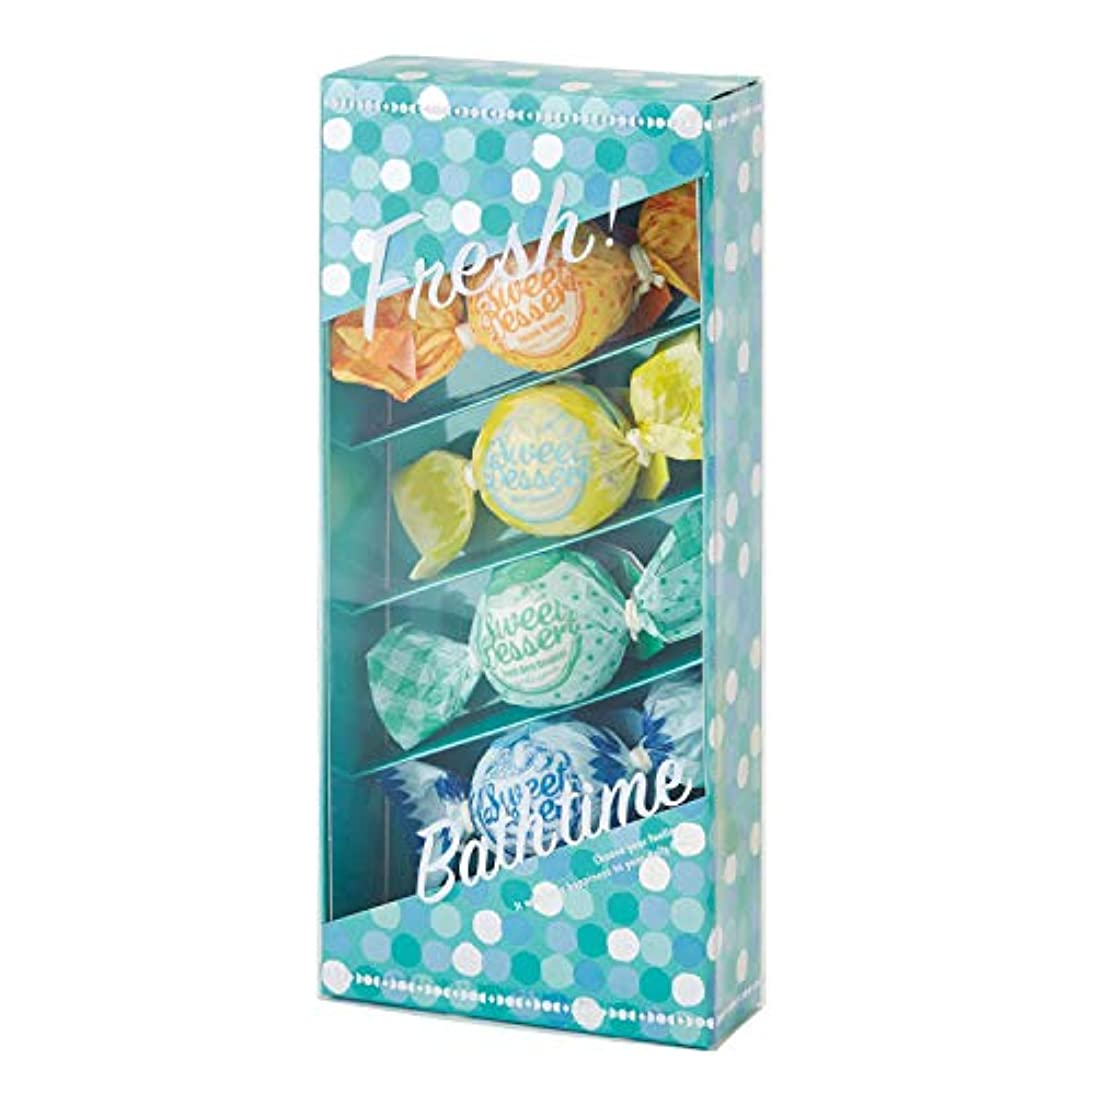 航空便ベーリング海峡帰するアマイワナ バスキャンディー4粒ギフトセット フレッシュ (発泡入浴料 バスギフト)